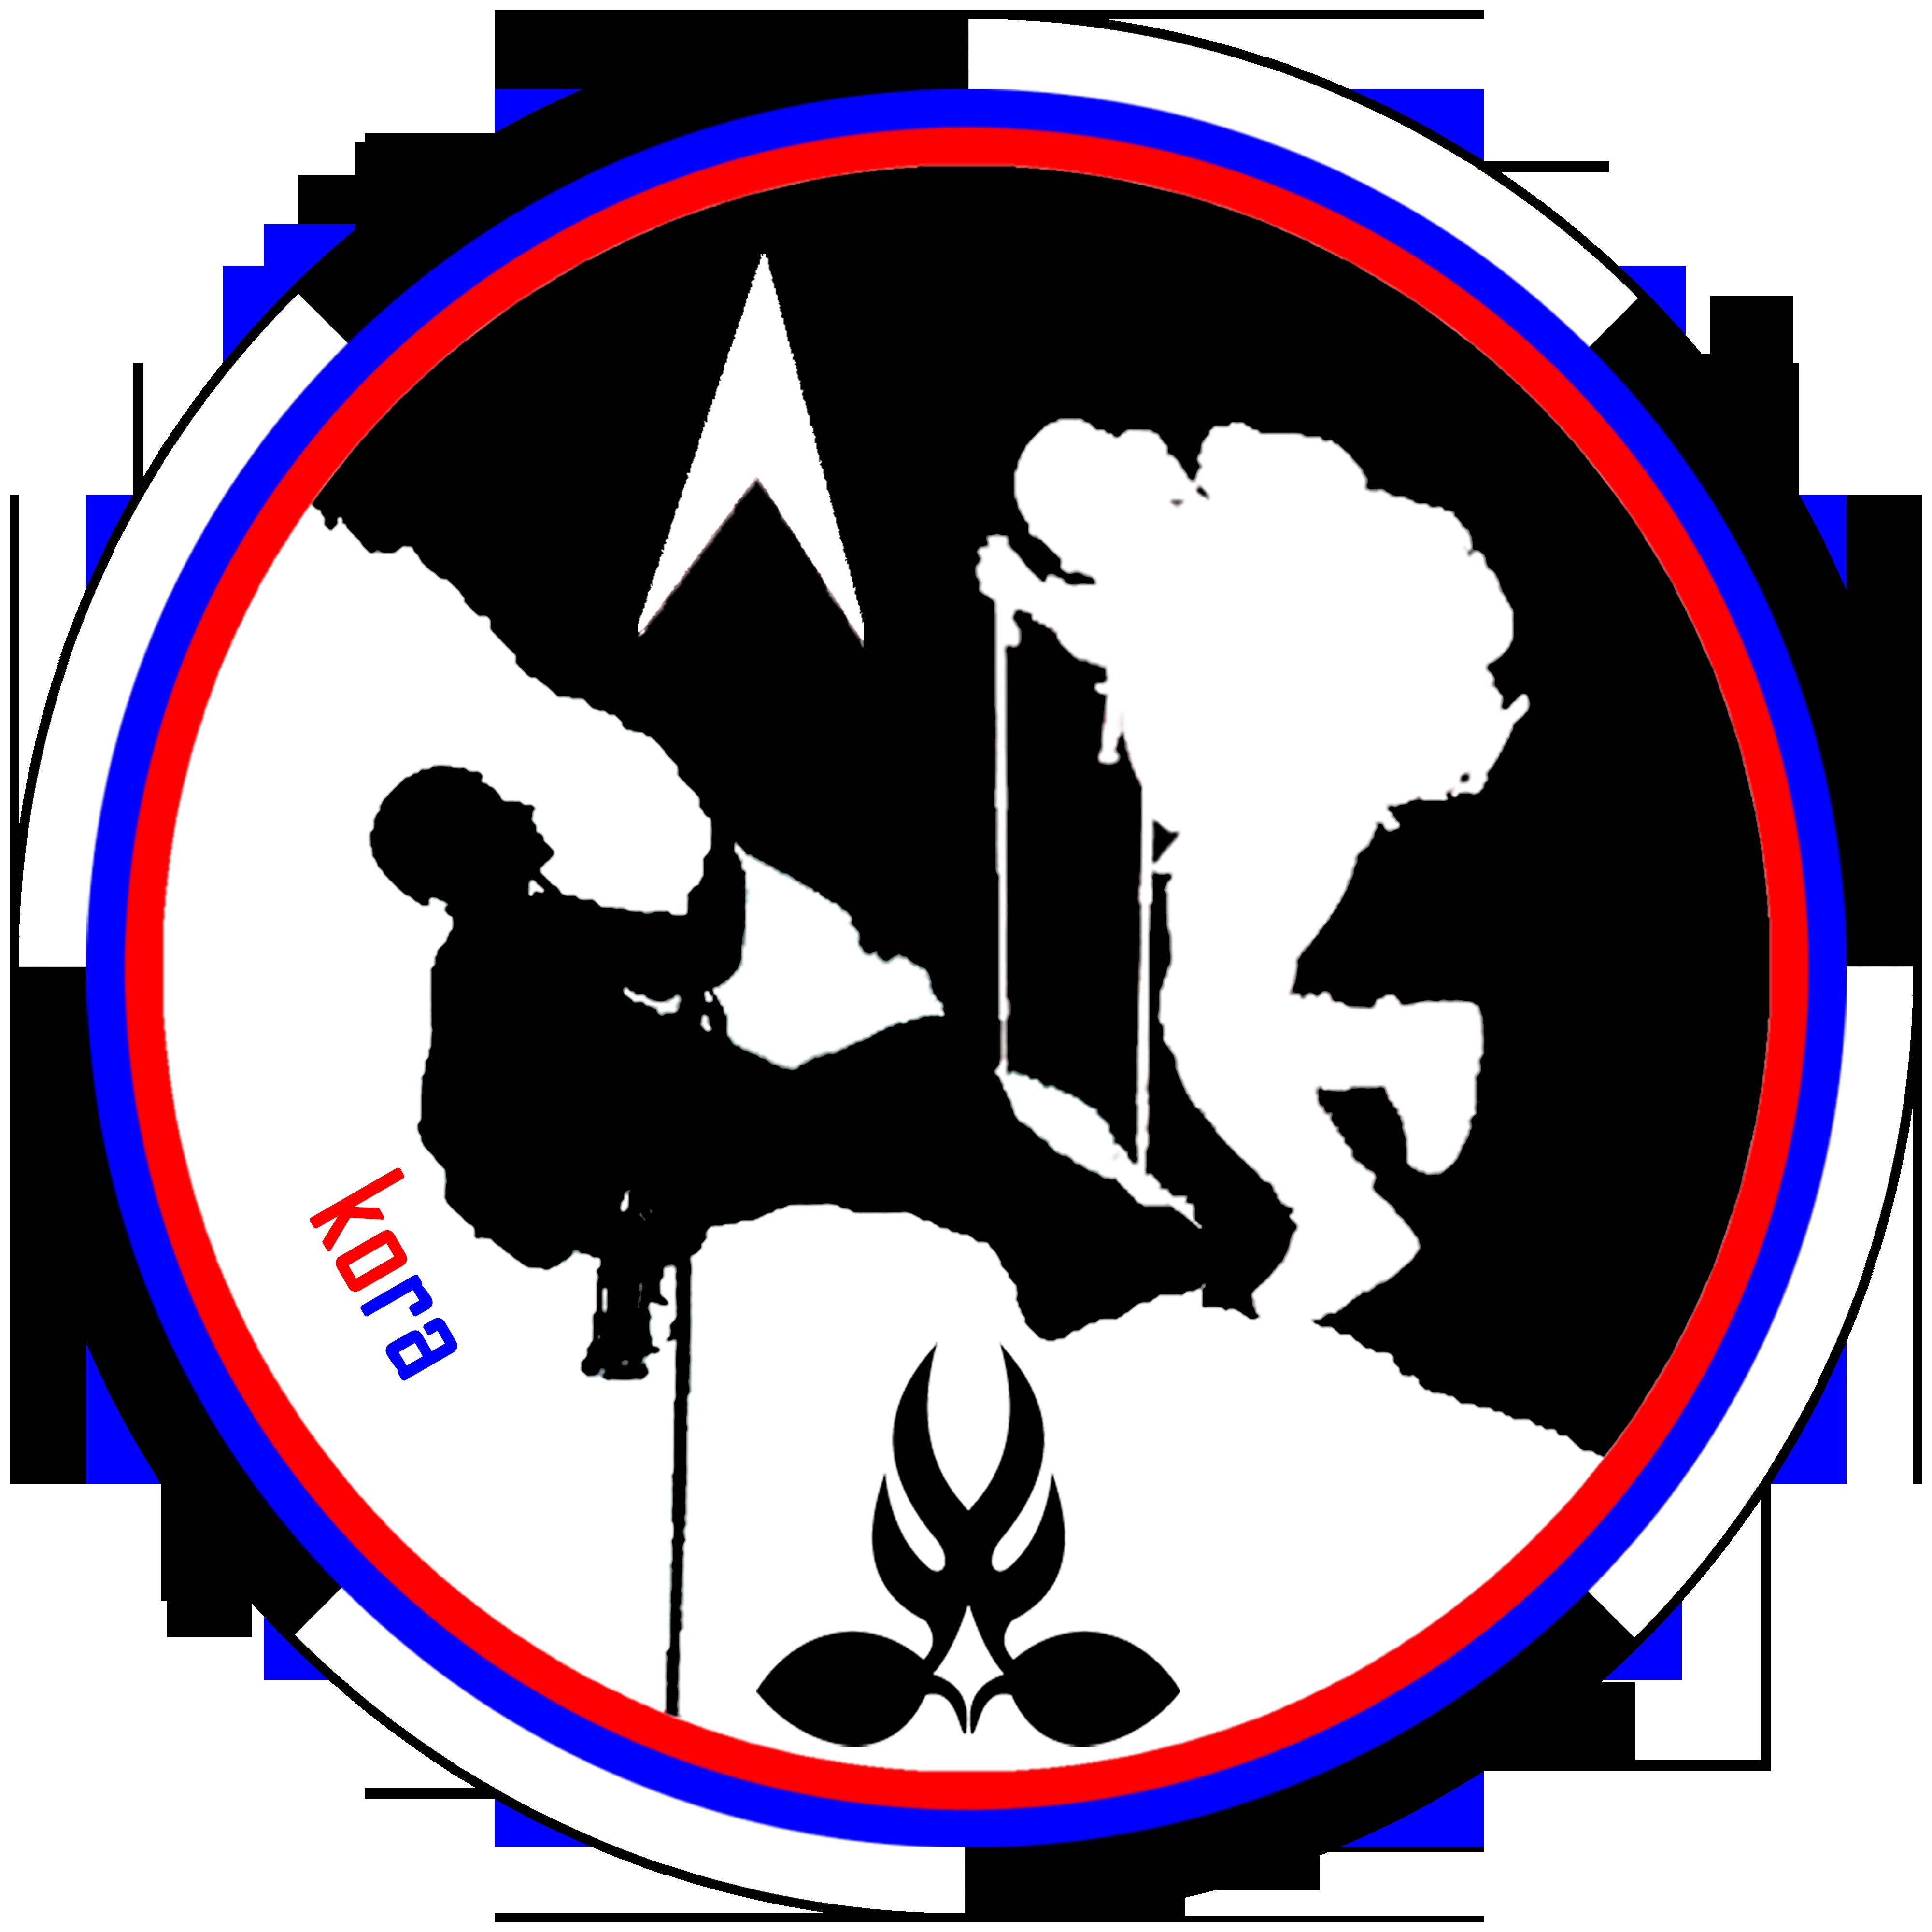 Kora KalBar